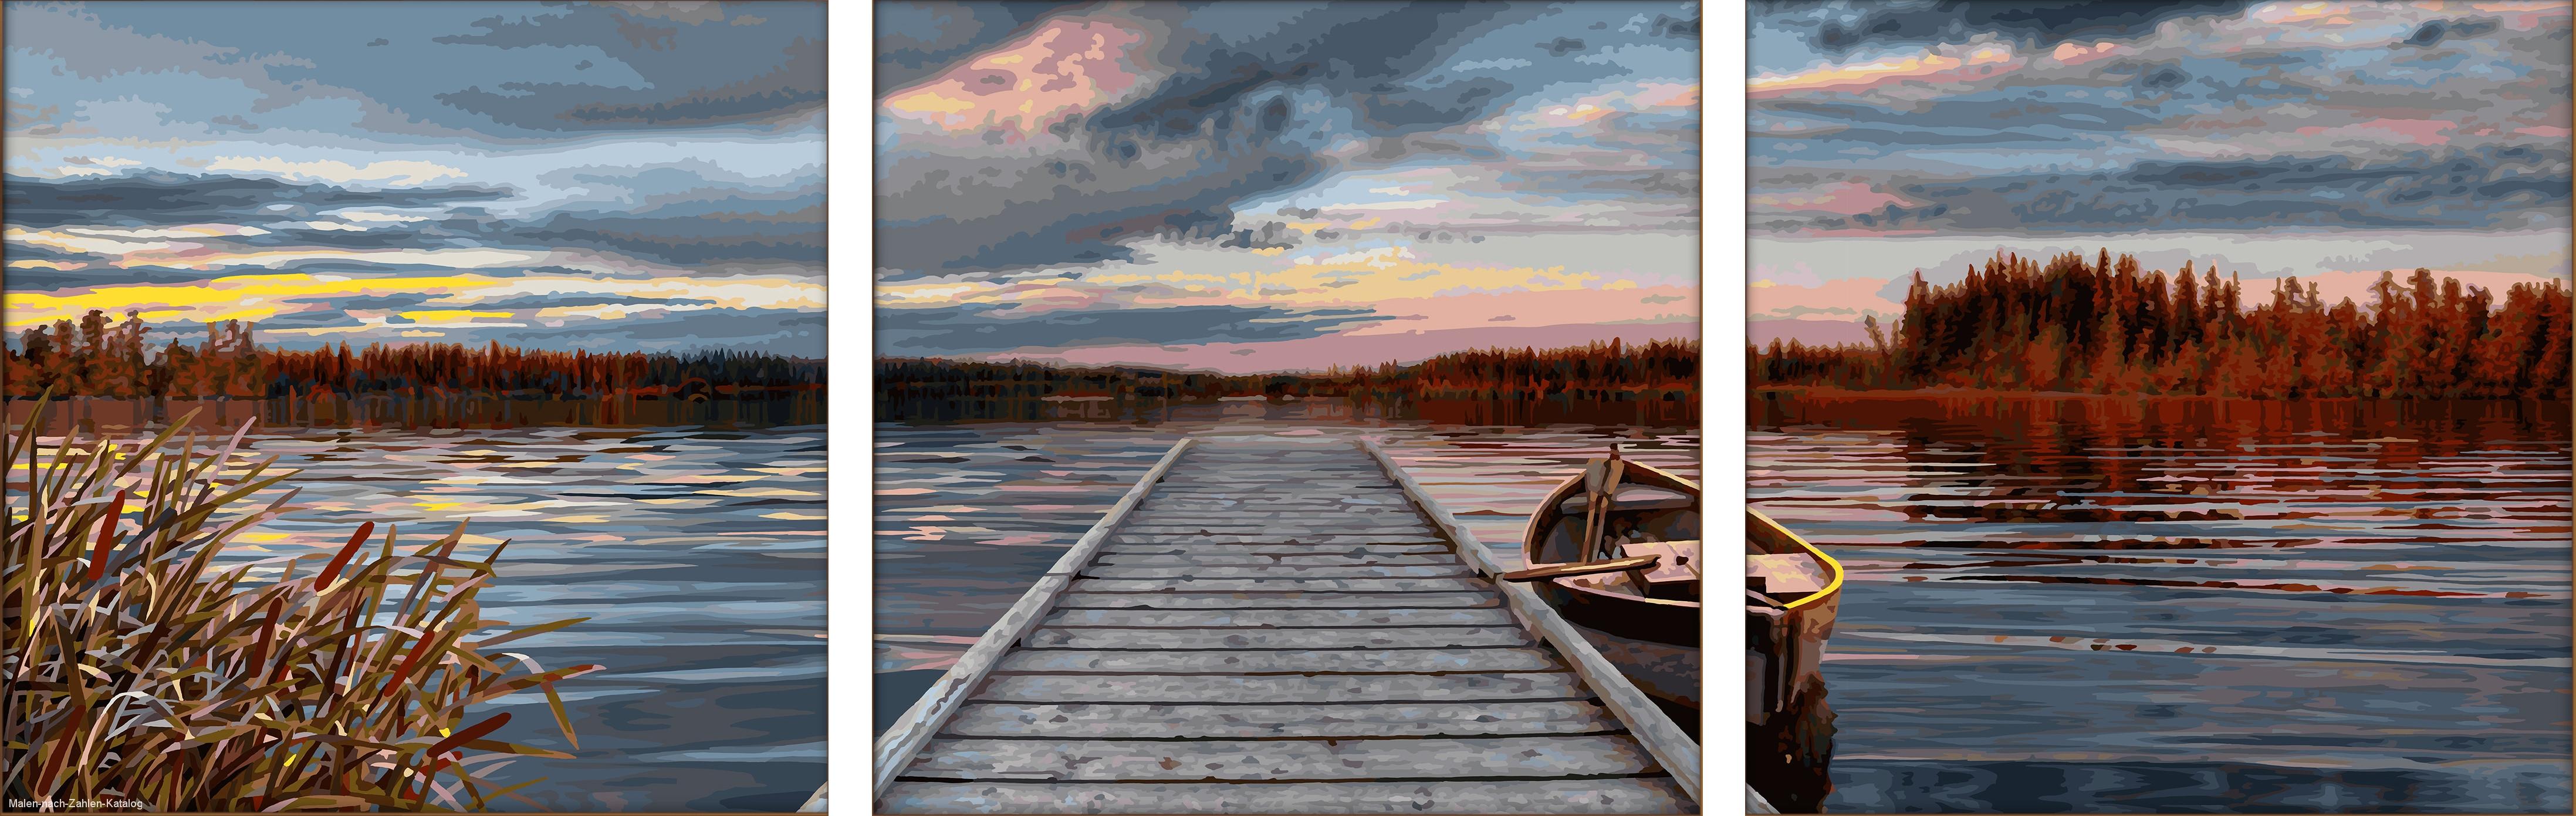 Schipper Malen nach Zahlen Triptychon 120x40cm Sonnenaufgang am See